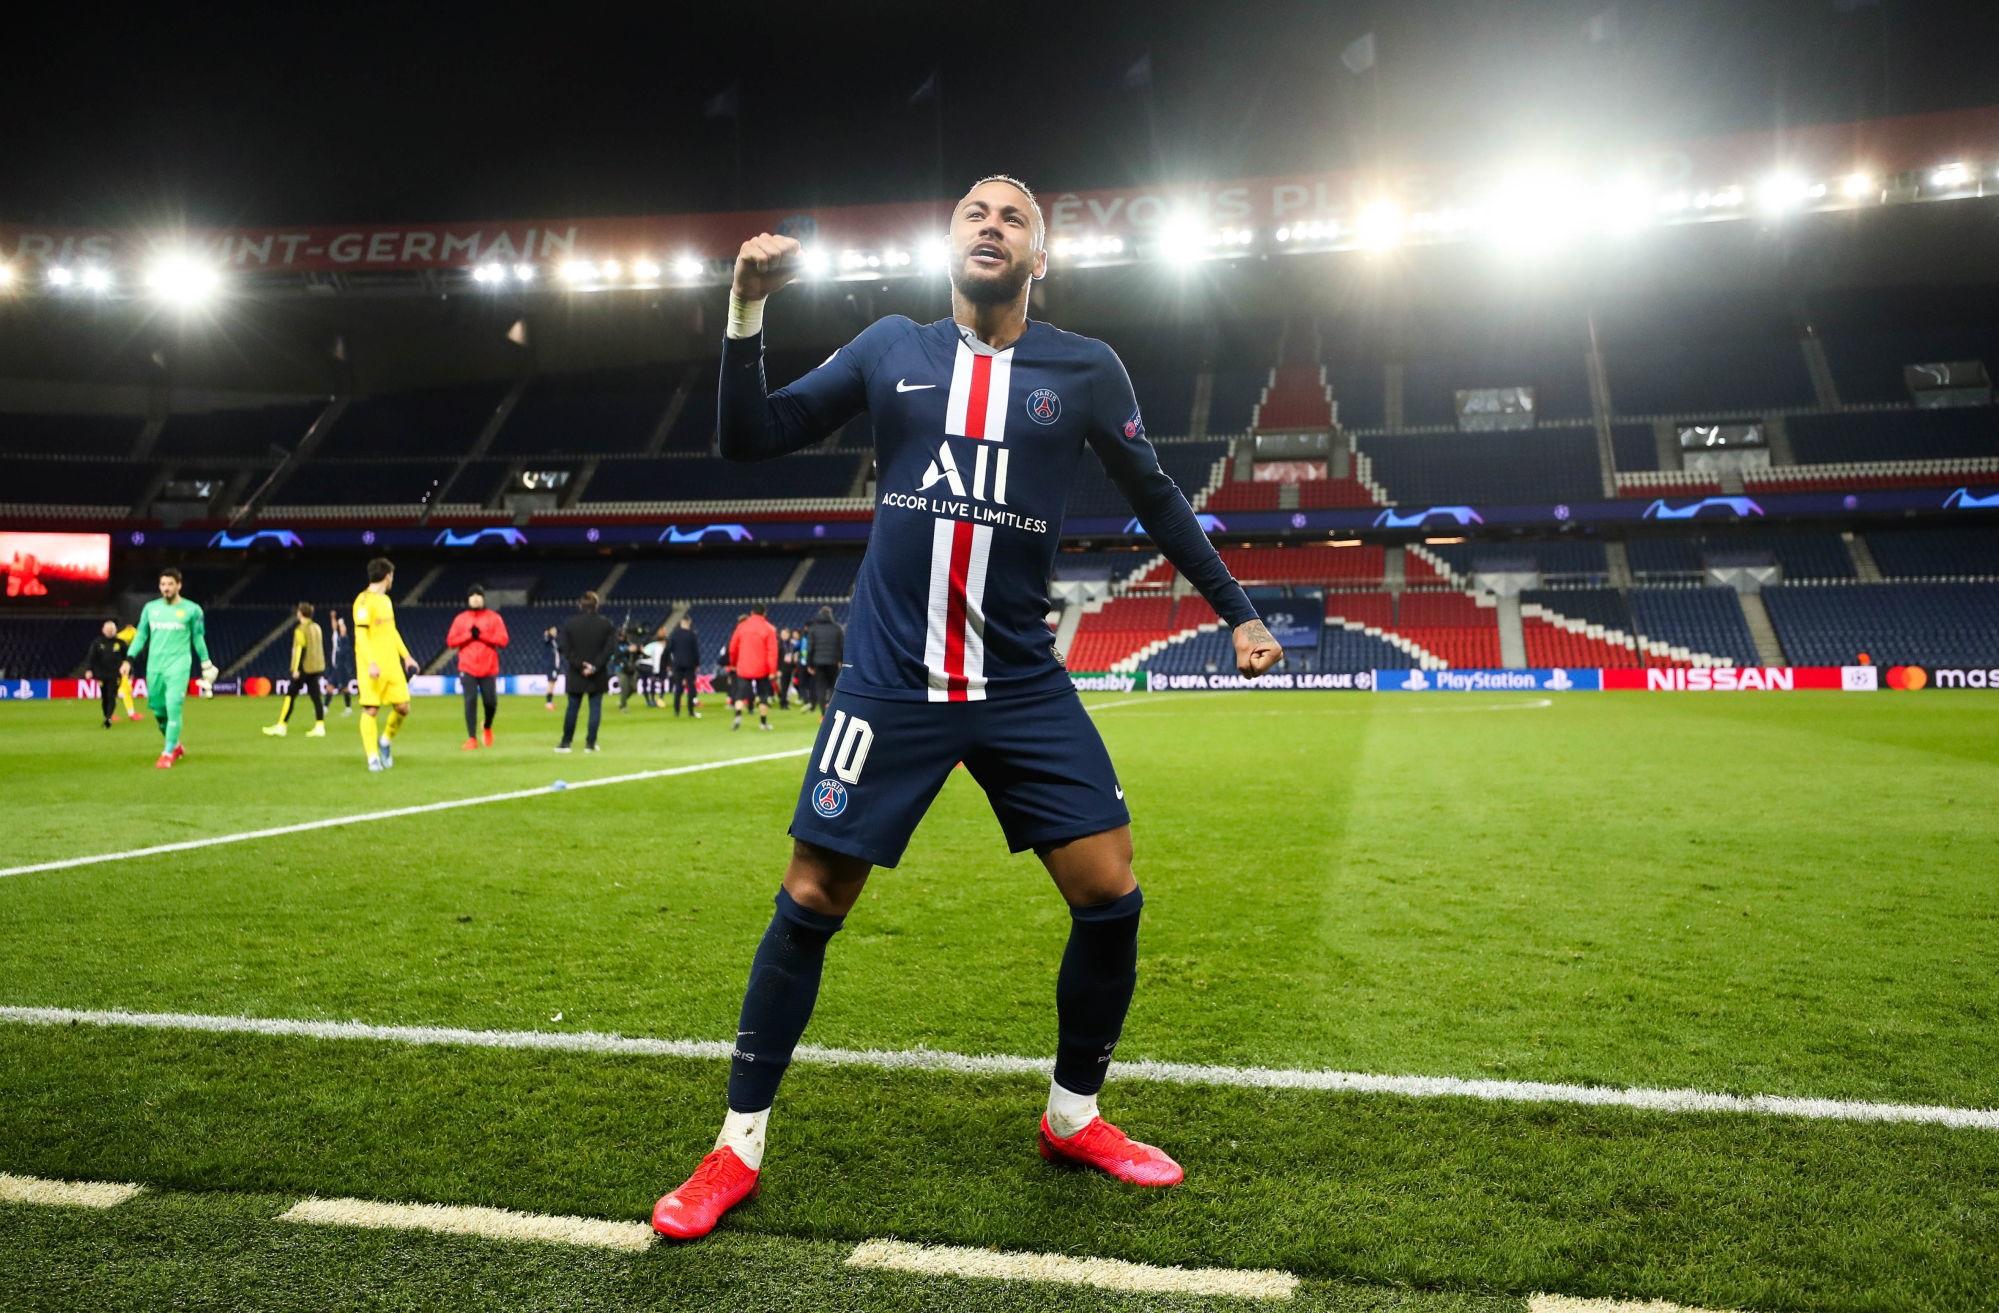 Dortmund chambre le PSG après la défaite à Lorient, Neymar répond